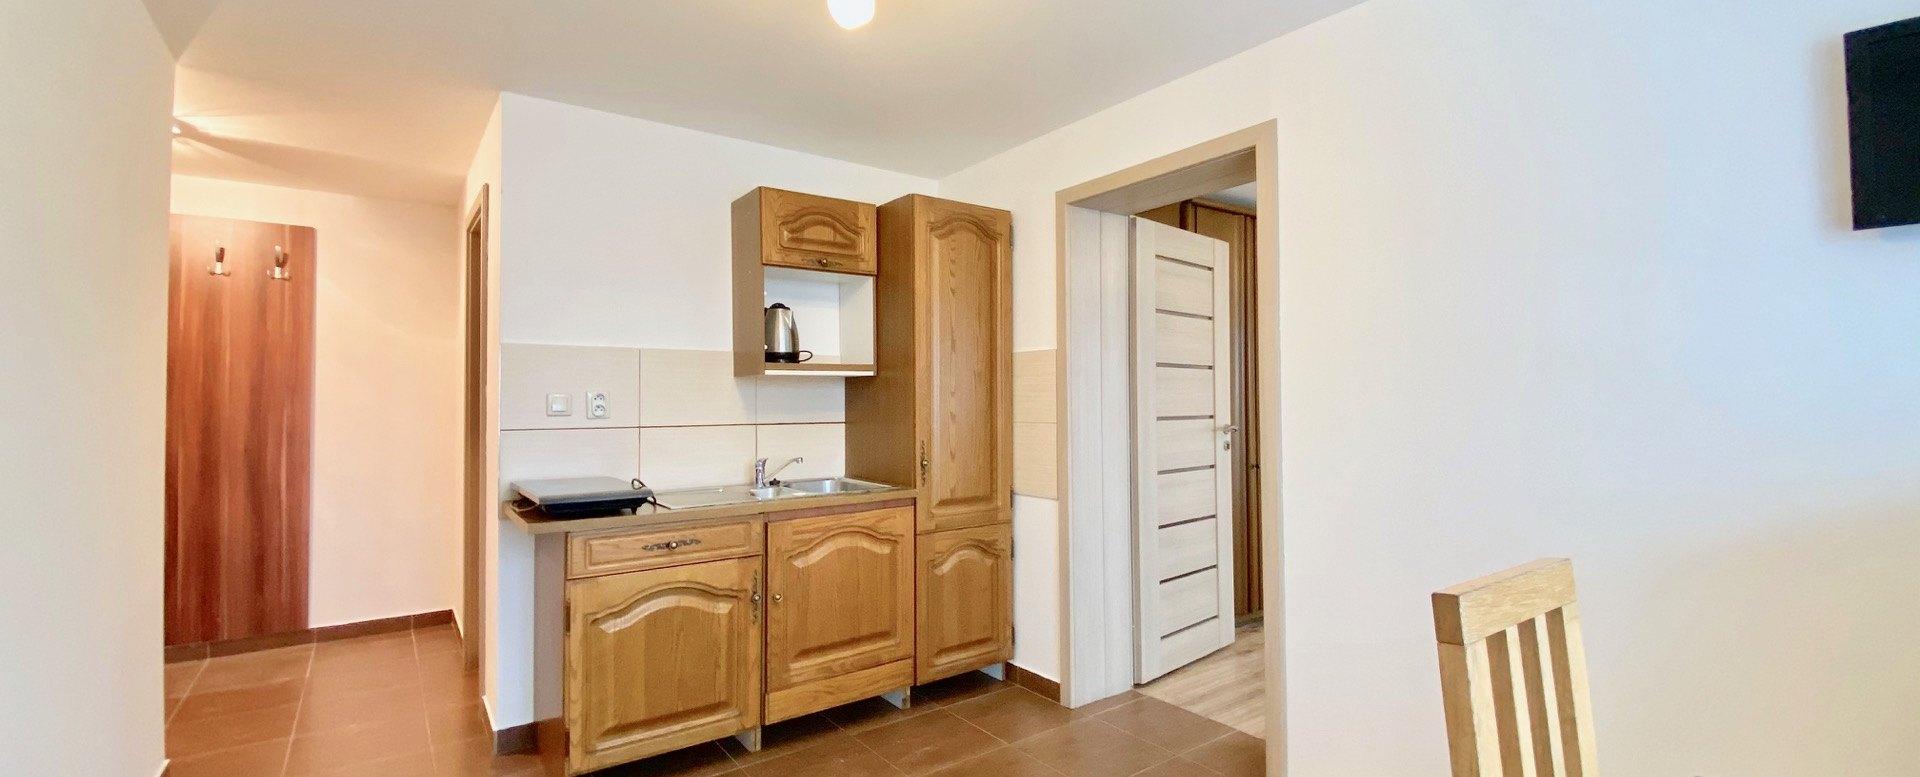 Kuchyňa s jedálneským kútom